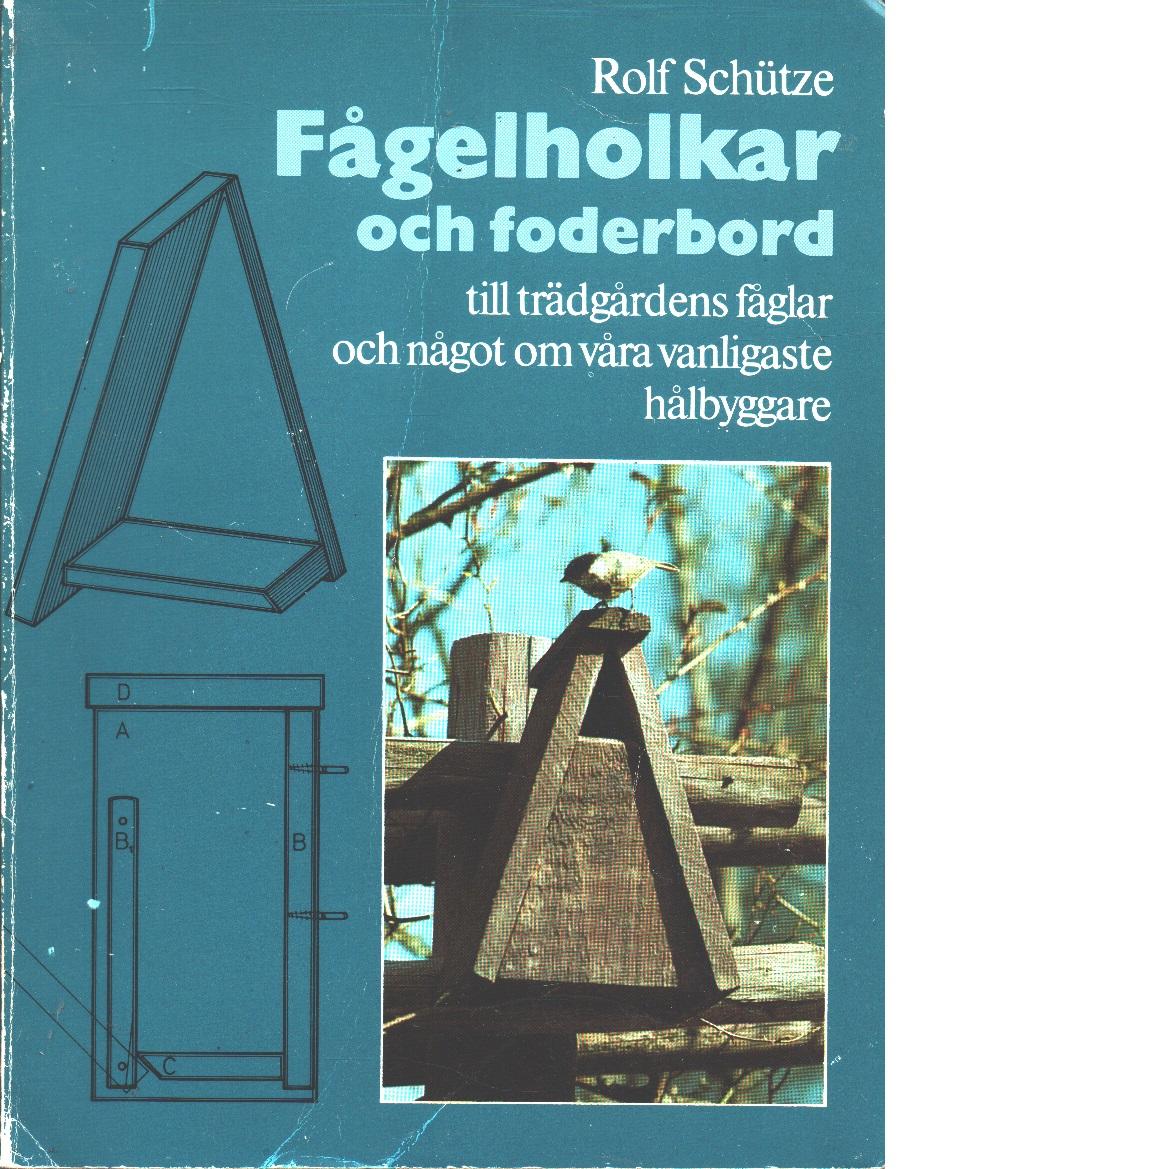 Fågelholkar och foderbord till trädgårdens fåglar och något om våra vanligaste hålbyggare - Schütze, Rolf